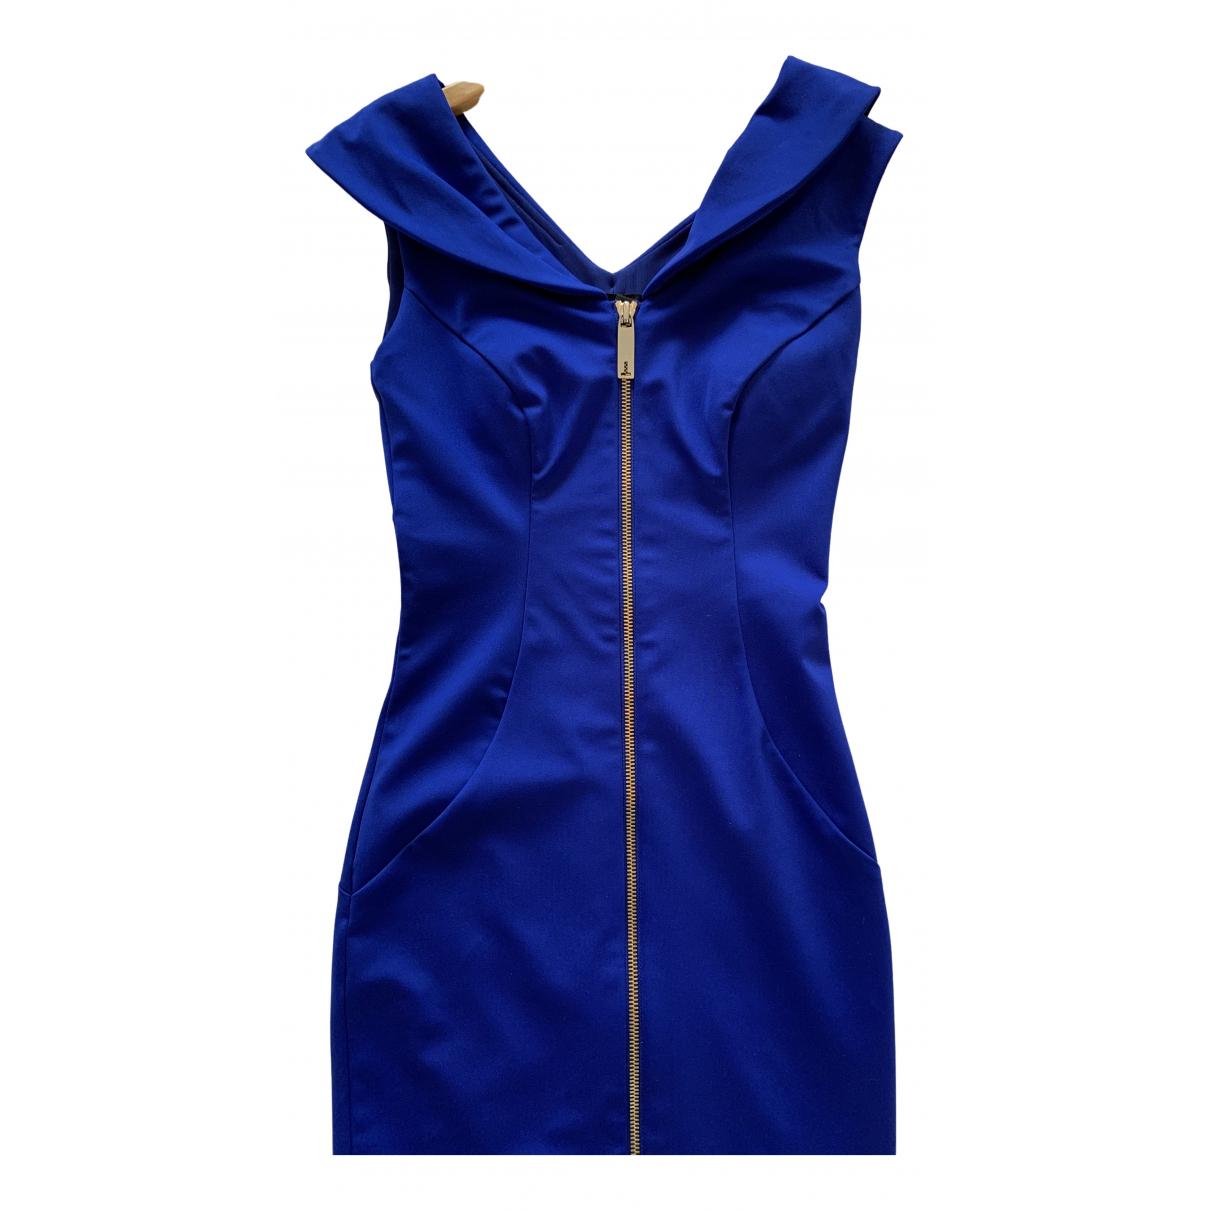 Ted Baker \N Kleid in  Blau Polyester